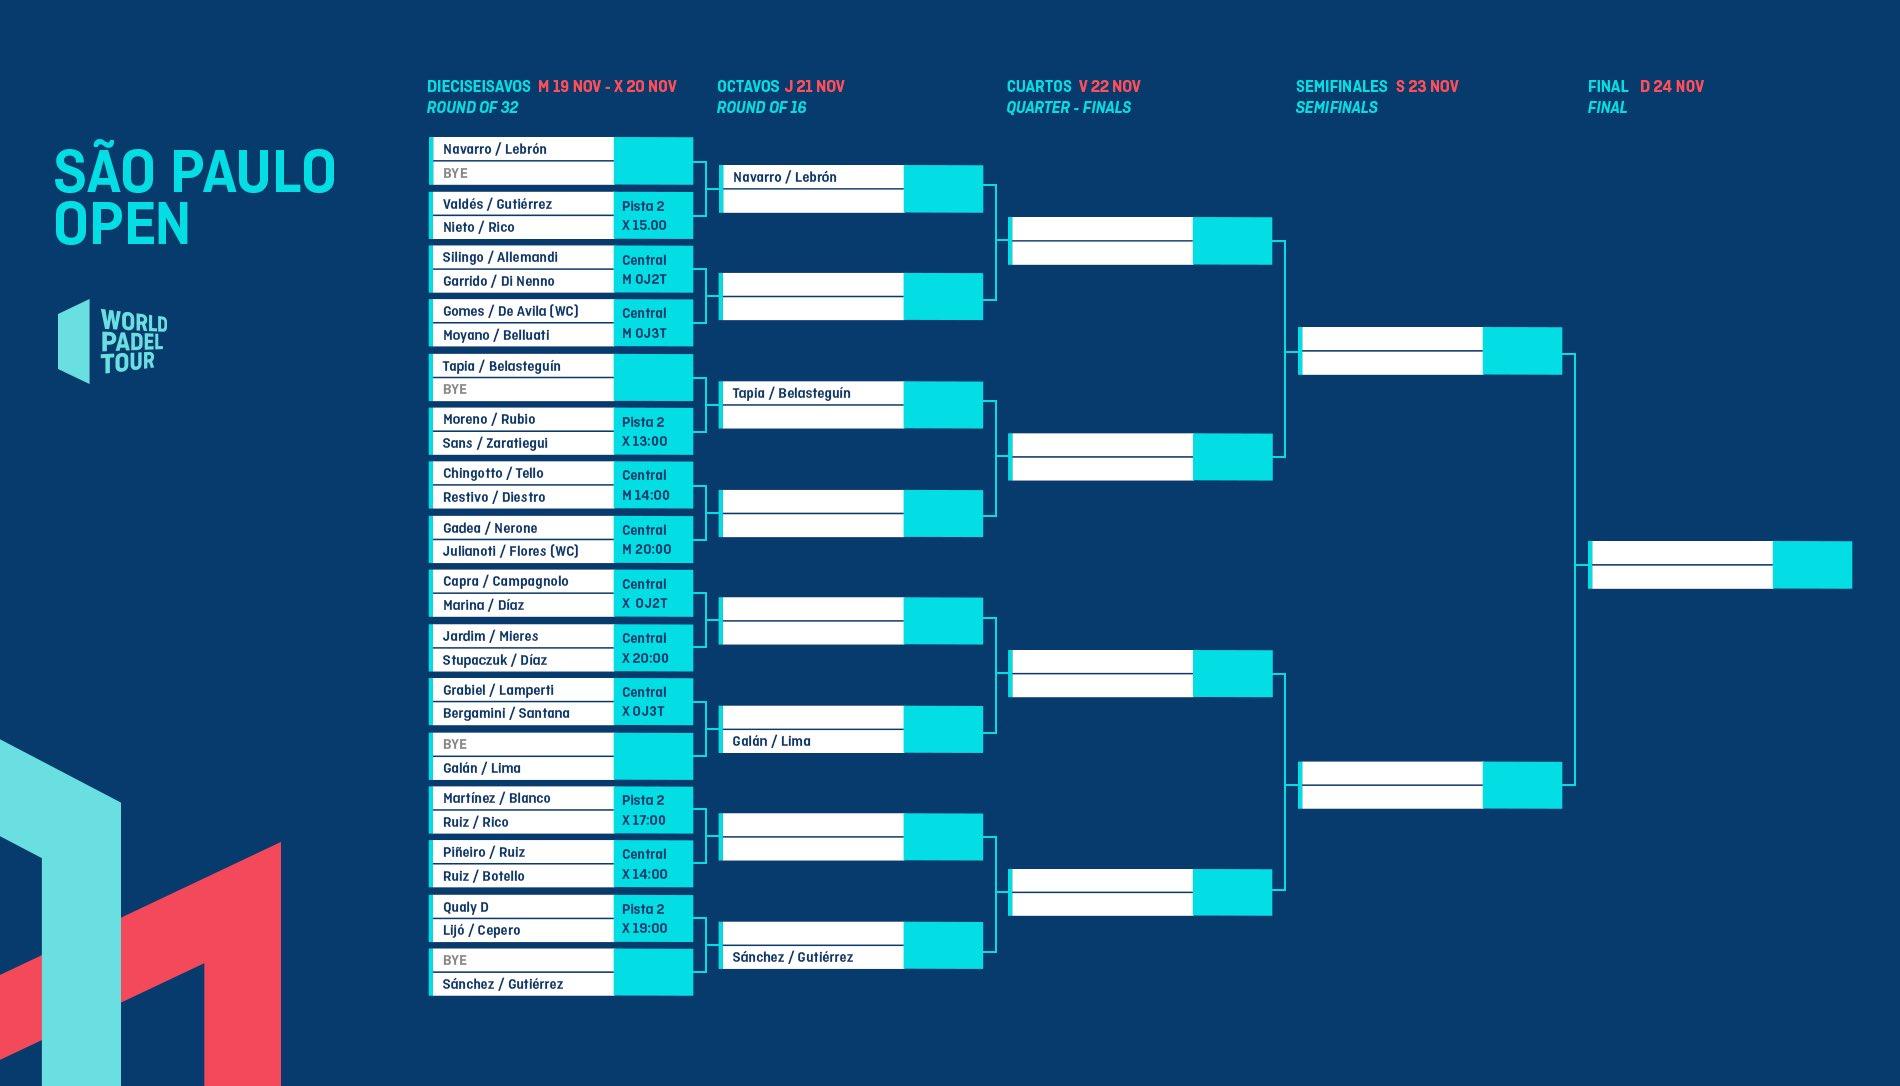 Cuadro final del Sao Paulo Open